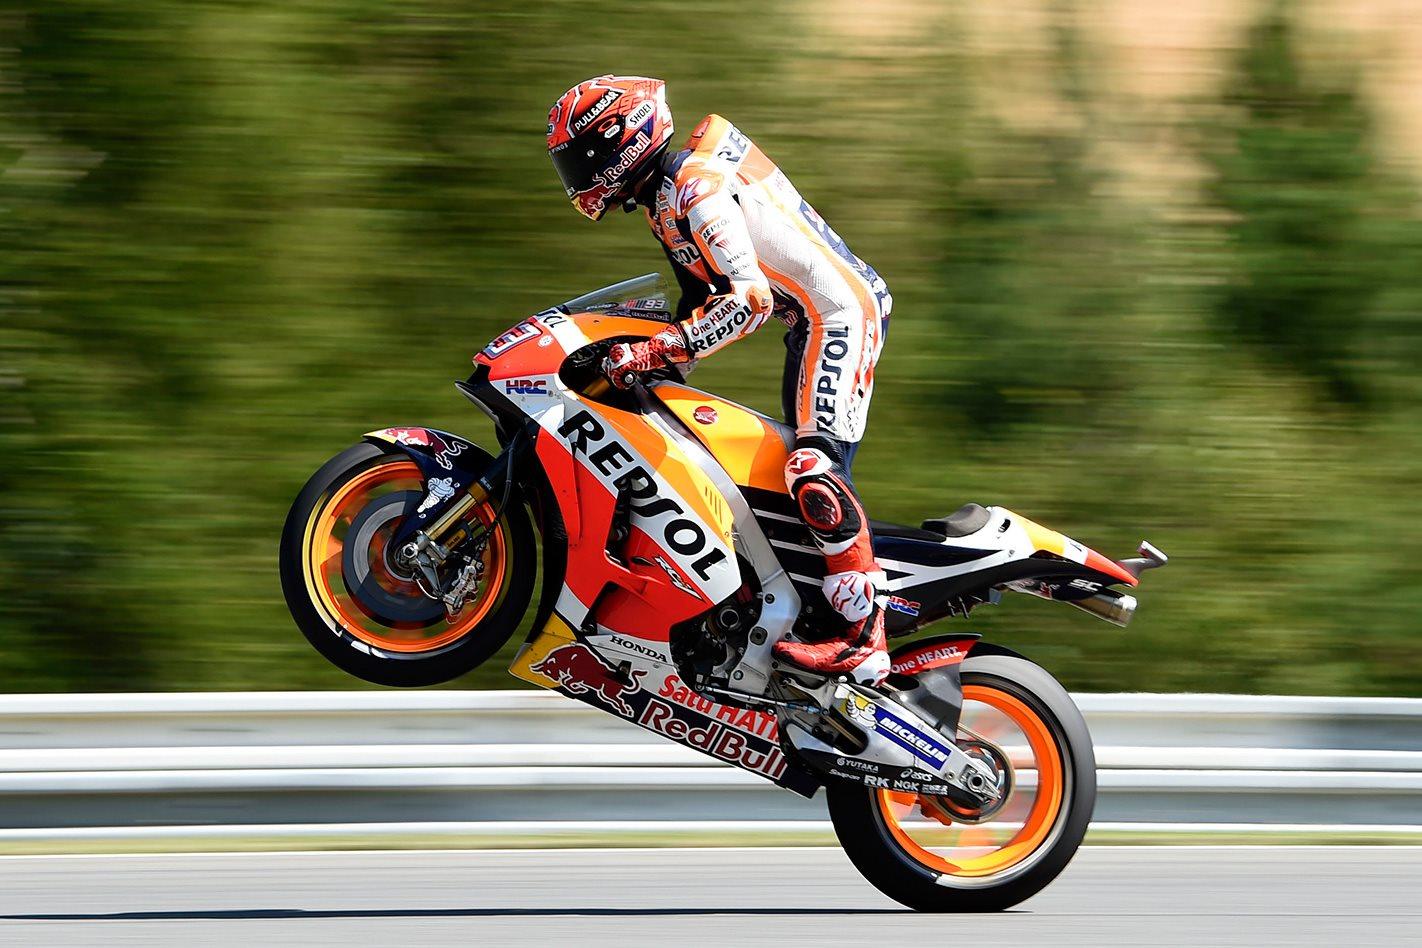 Honda's Marc Marquez wins 2017 Czech MotoGP